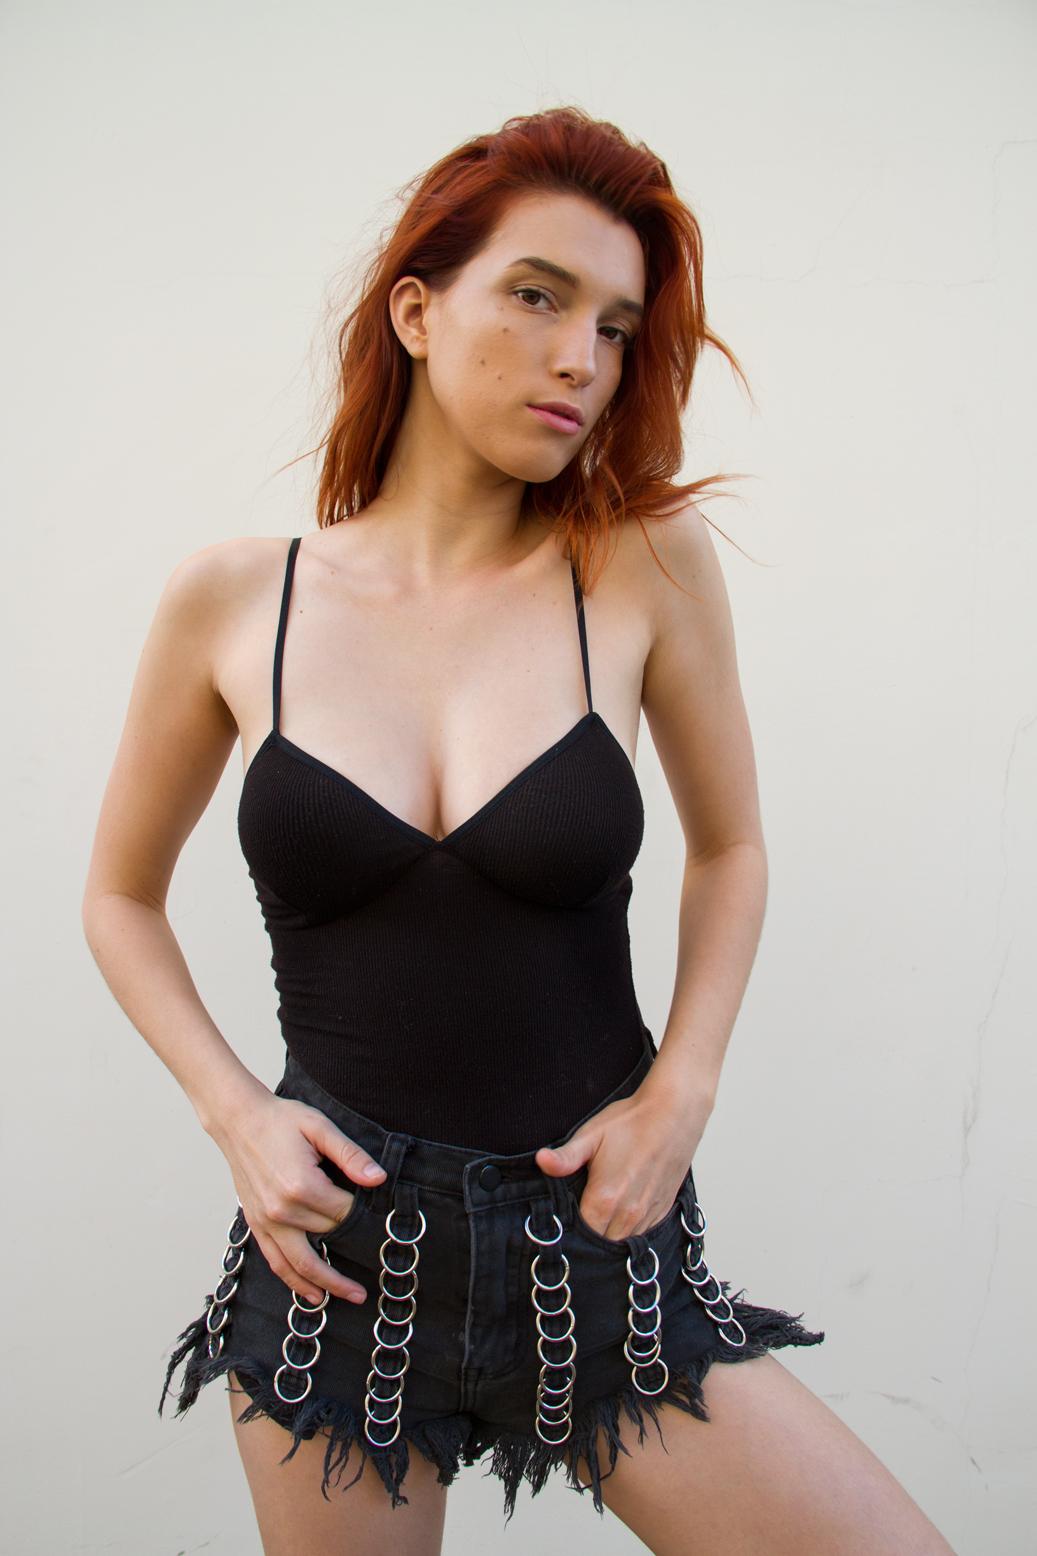 Dani Thorne Bikini Photoshoot